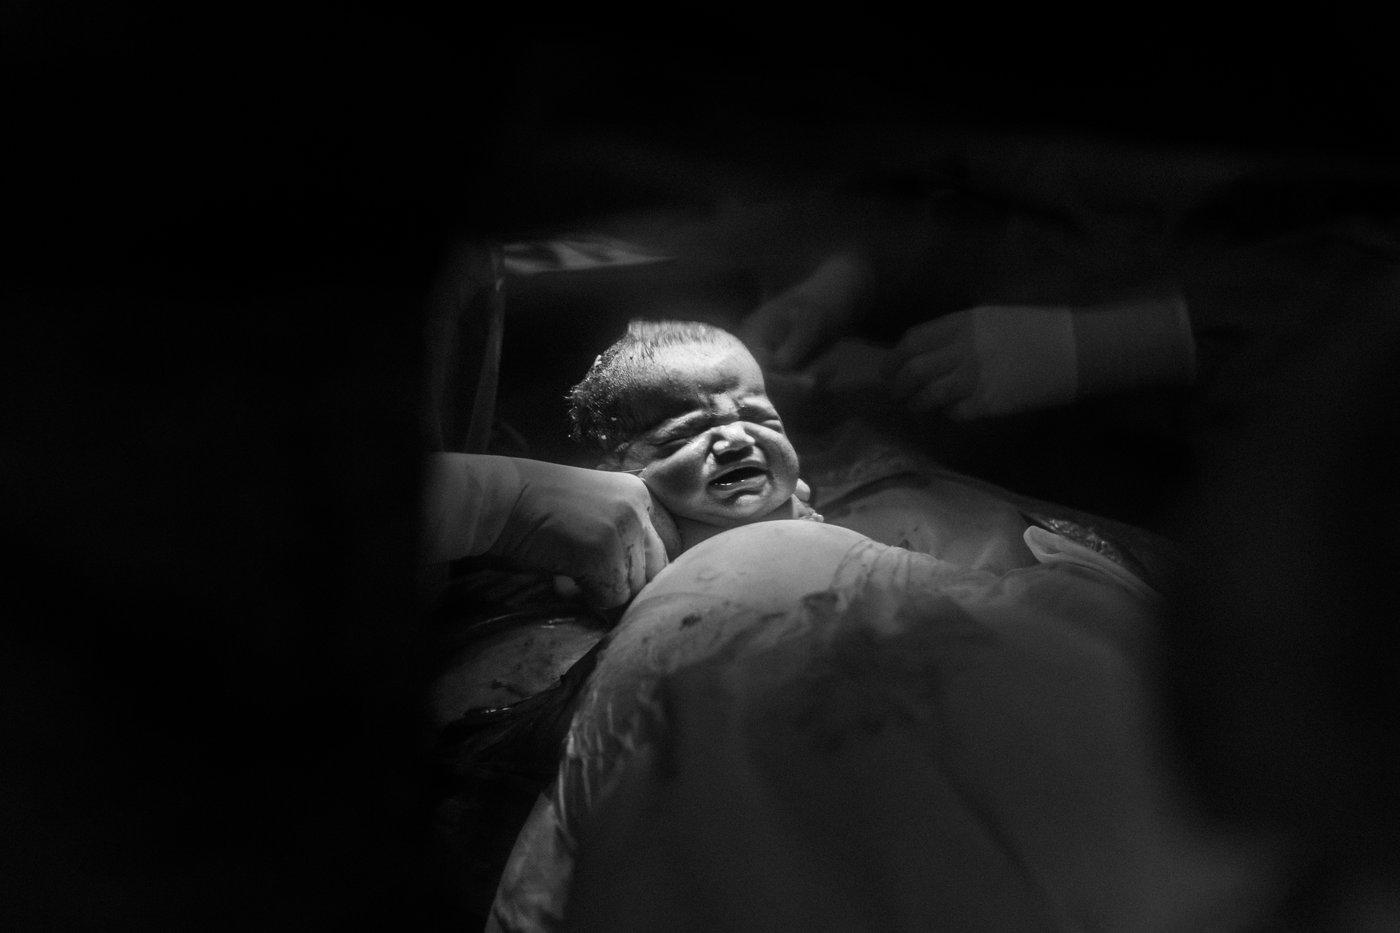 geboortefotograaf-kiezen-keizersnede-utrecht